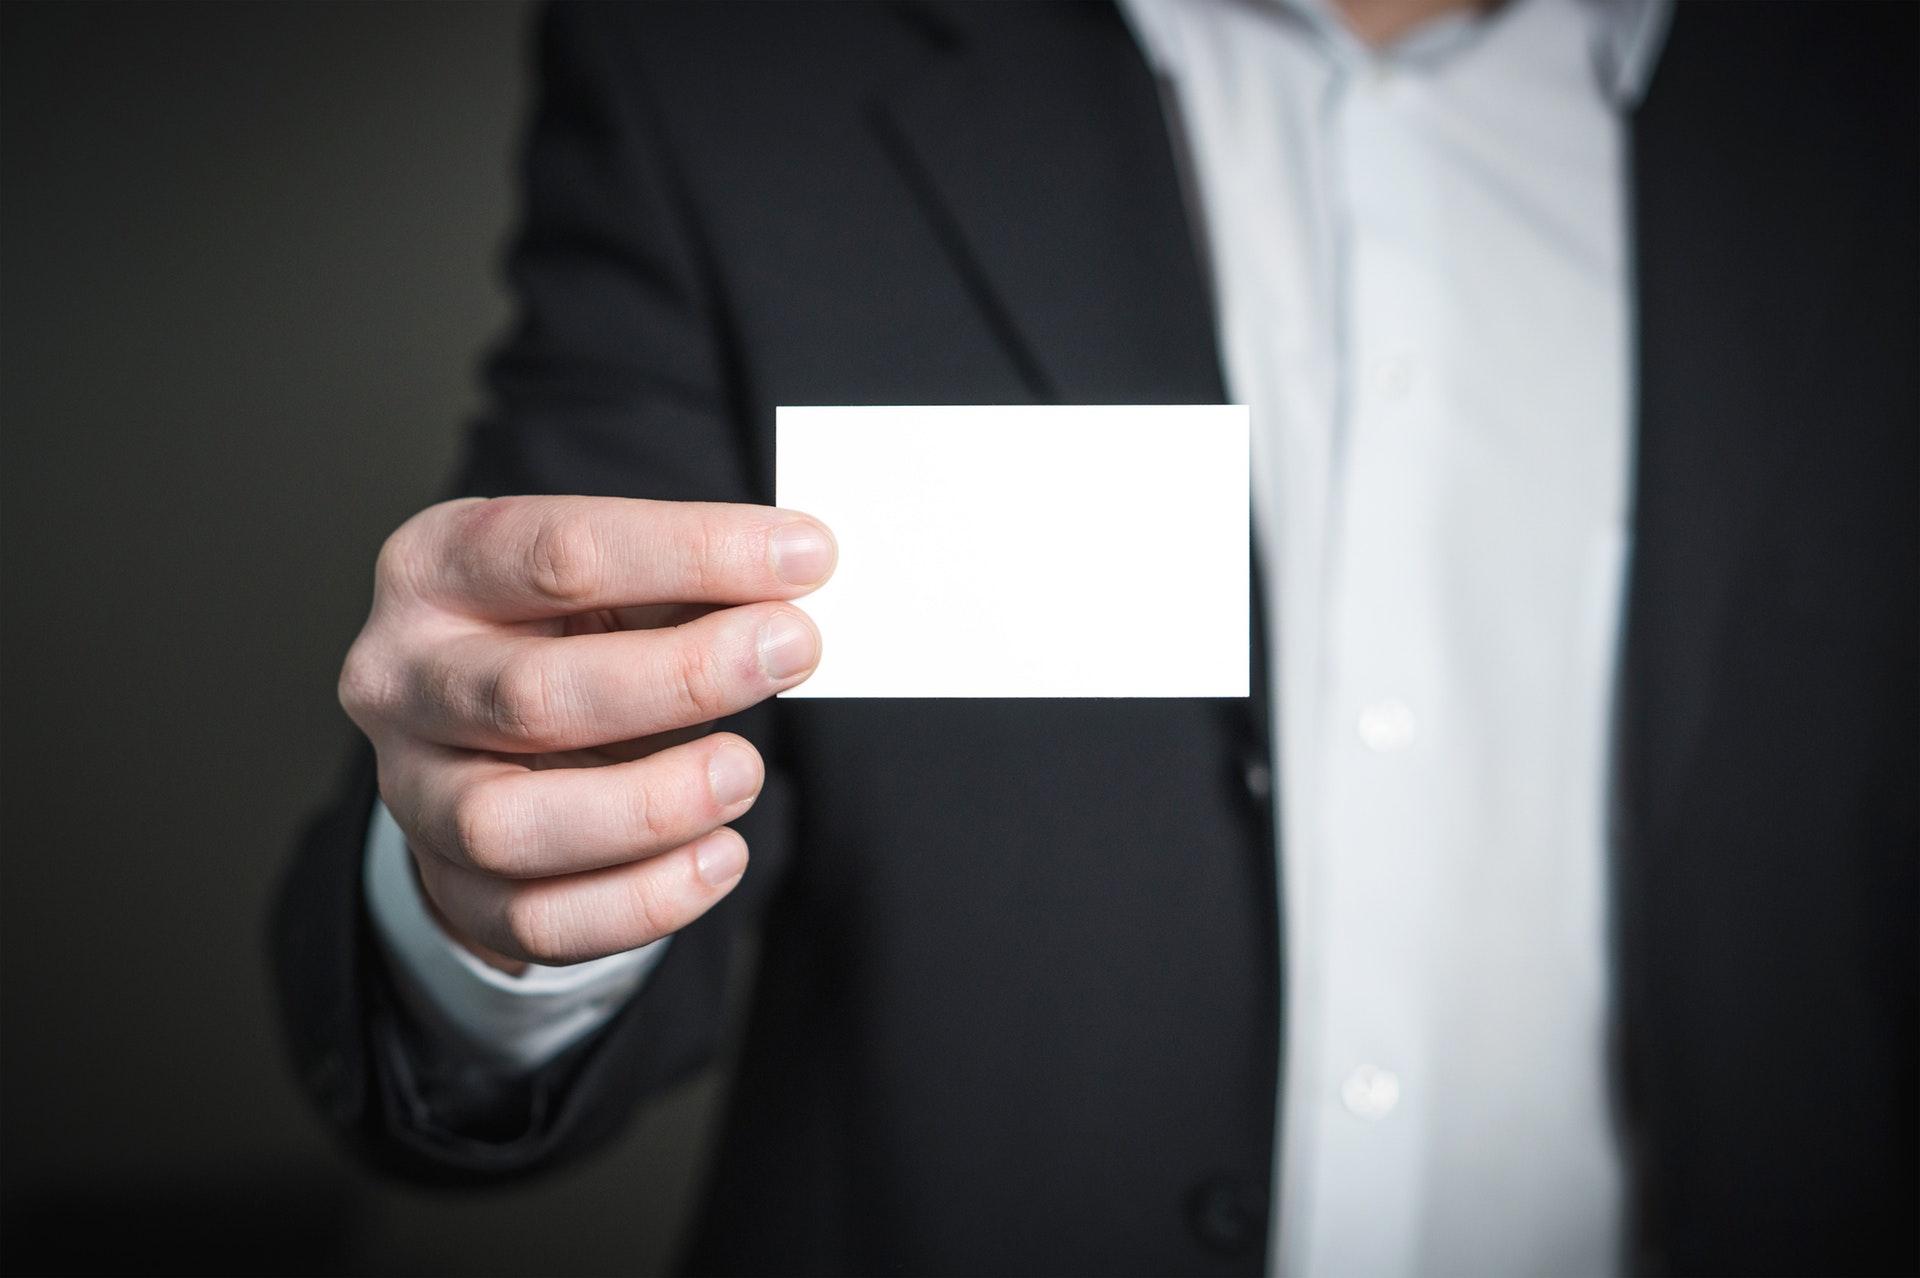 クラウドソーシングに本名で登録するメリットデメリット